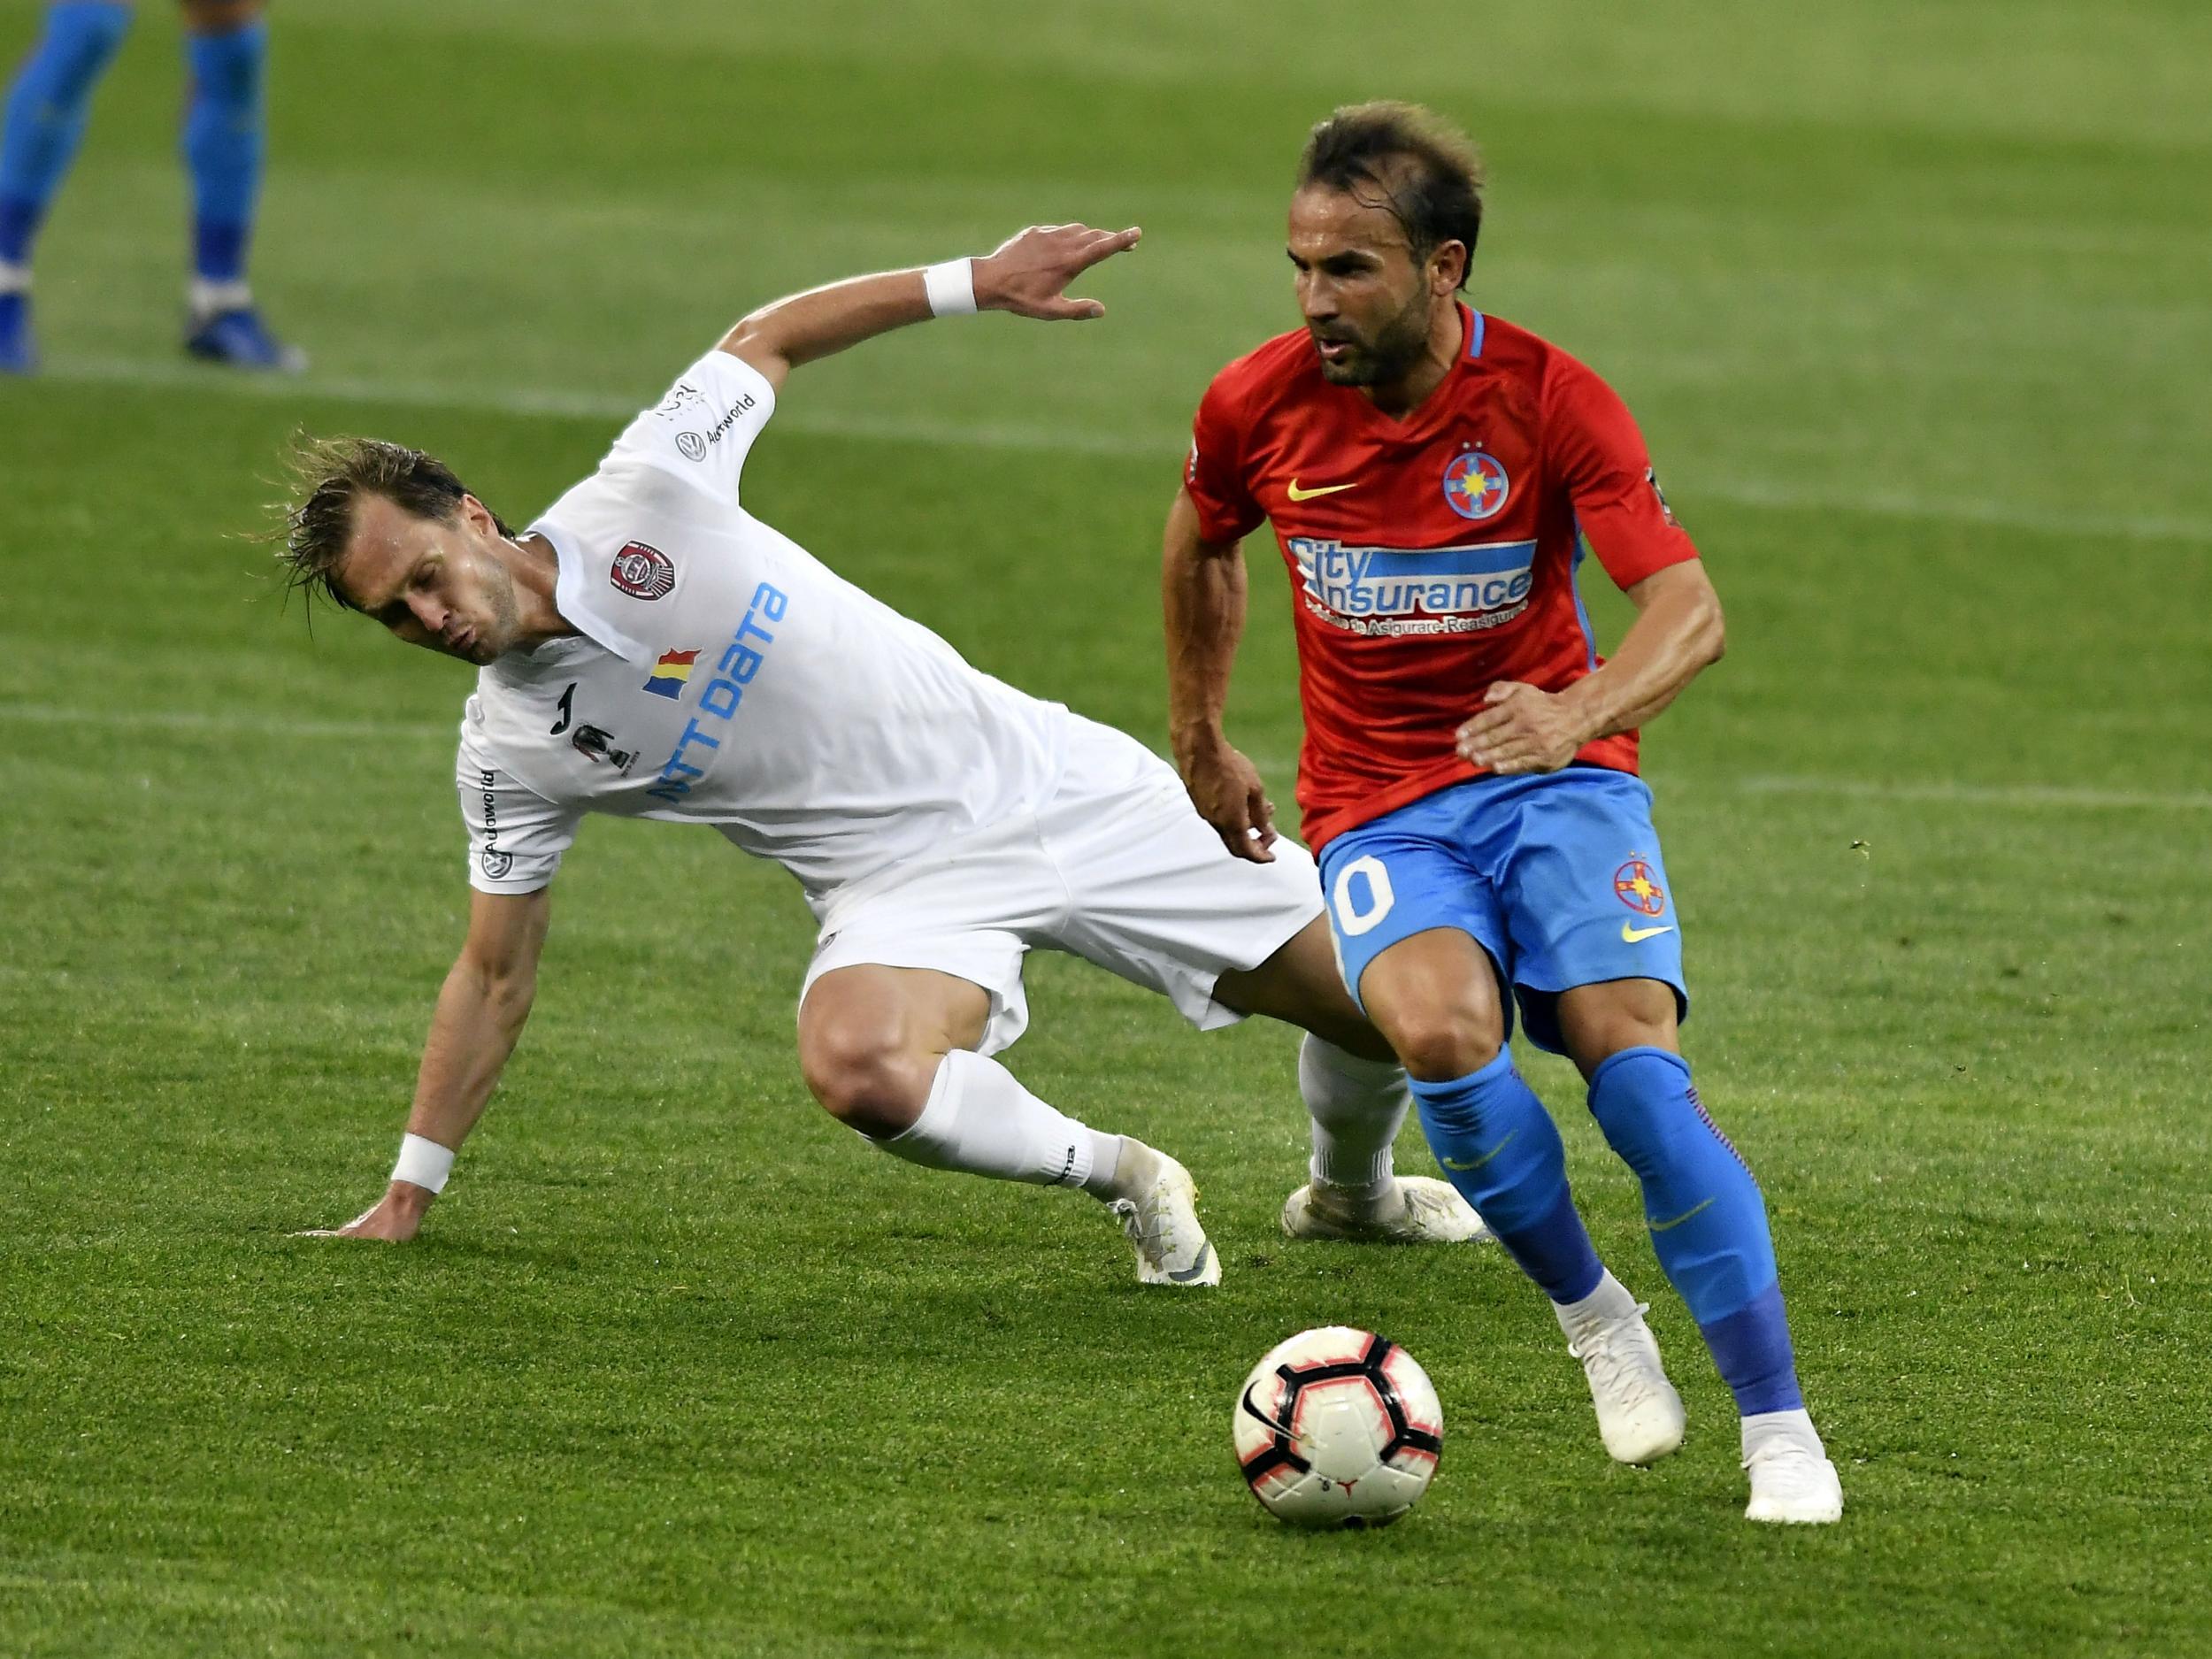 CFR Cluj - FCSB: TREBUIE sa obtinem PROFIT in urma derby ...  |Fcsb- Cfr Cluj